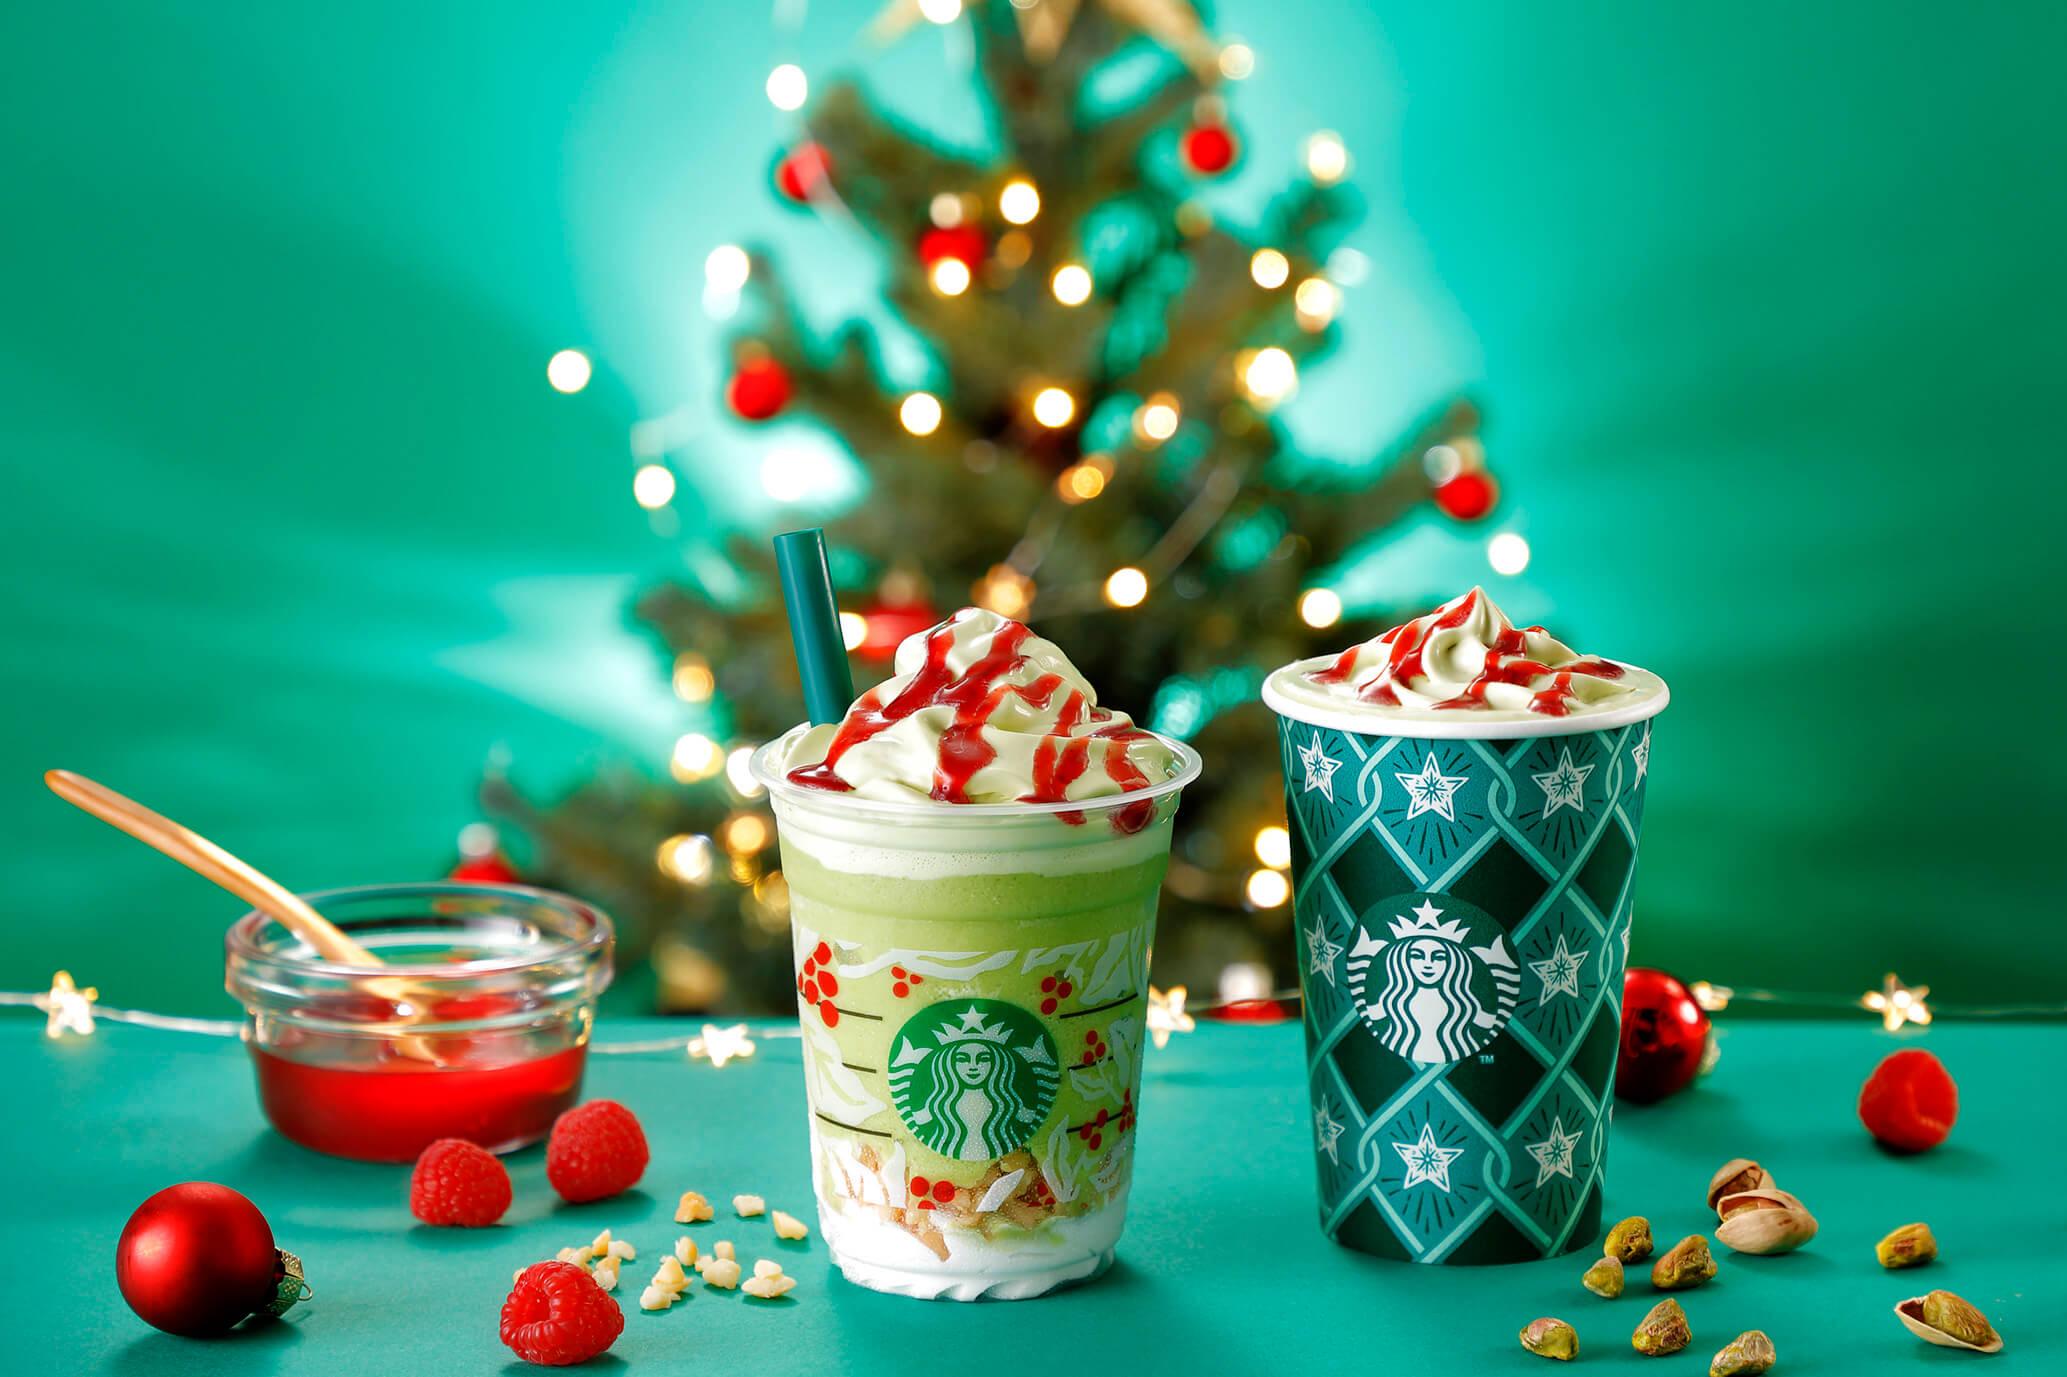 星巴克假期限定飲品 以「聖誕樹」為概念設計的星冰樂登場